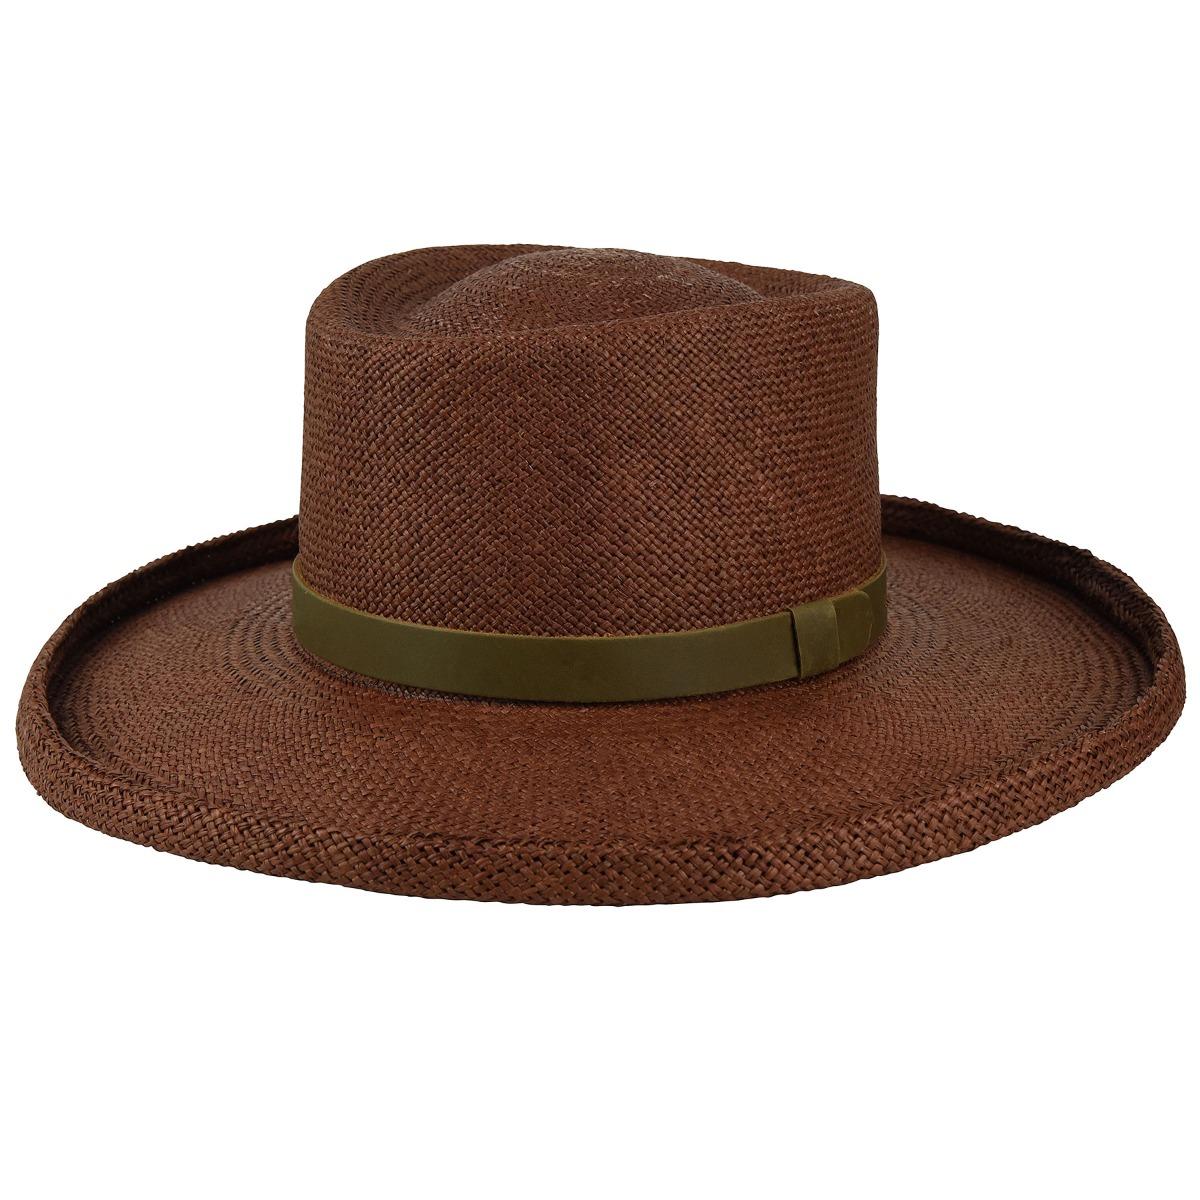 Steampunk Hats for Men | Top Hat, Bowler, Masks Panama Straw Twisted Gambler - ExpressoSM $59.20 AT vintagedancer.com